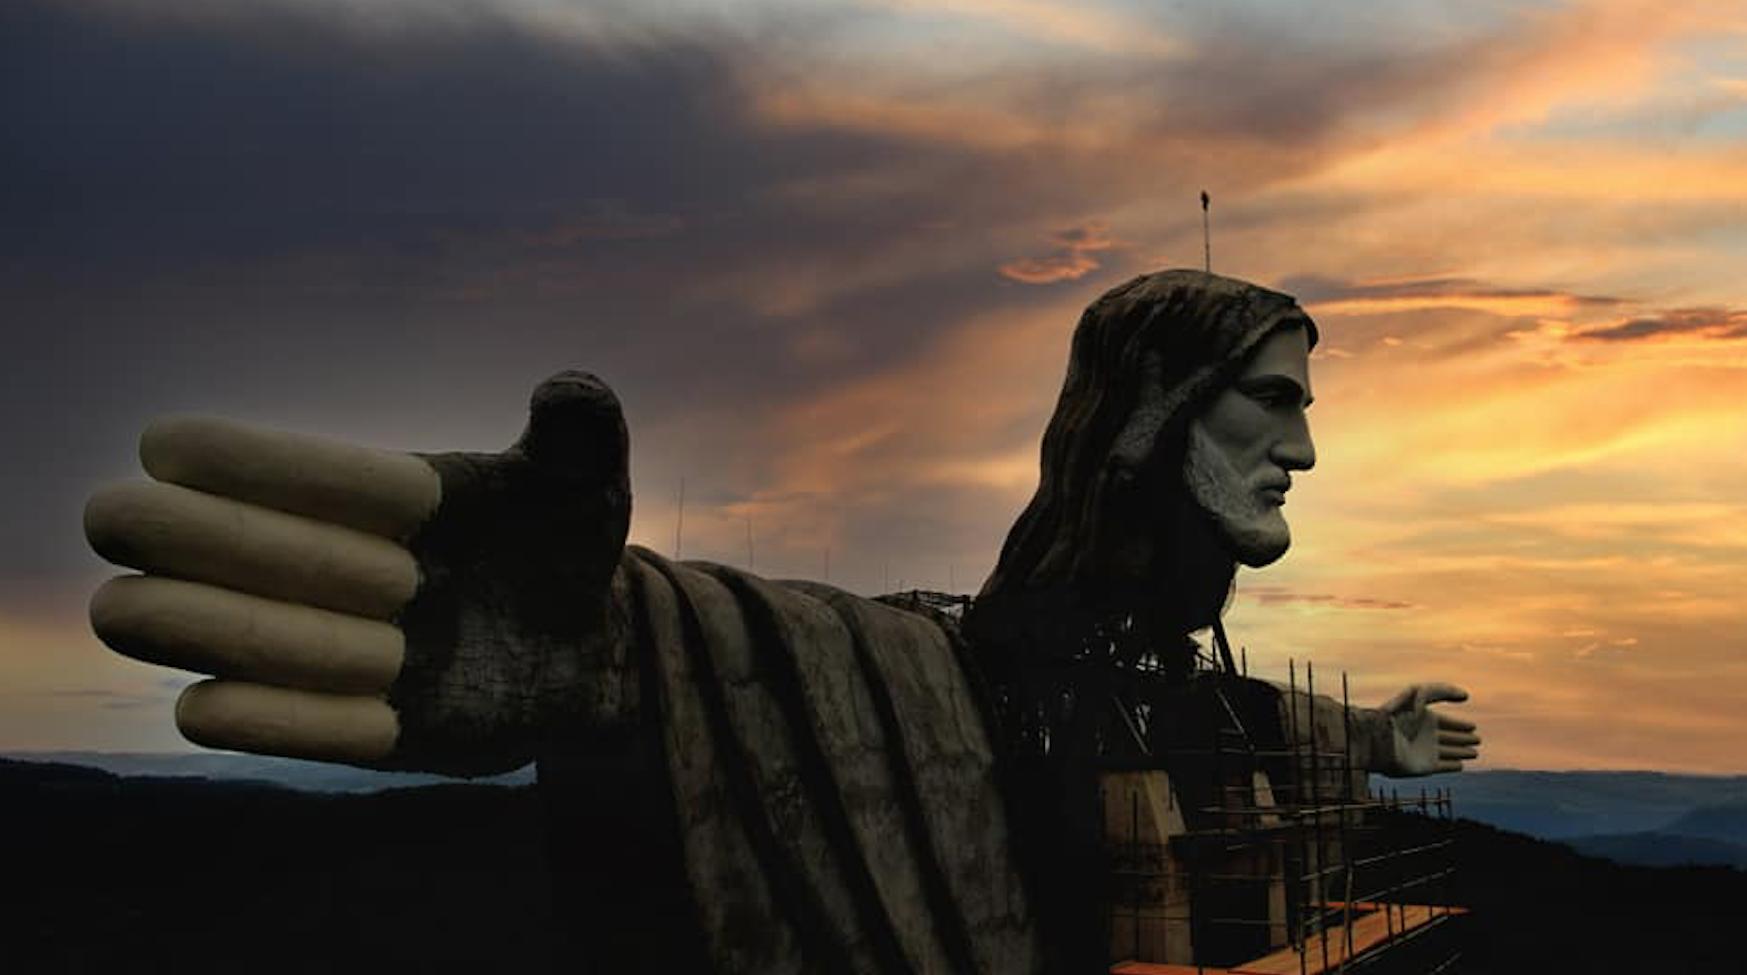 Brasil construye estatua del Cristo Protector, más alta y polémica que la de Río